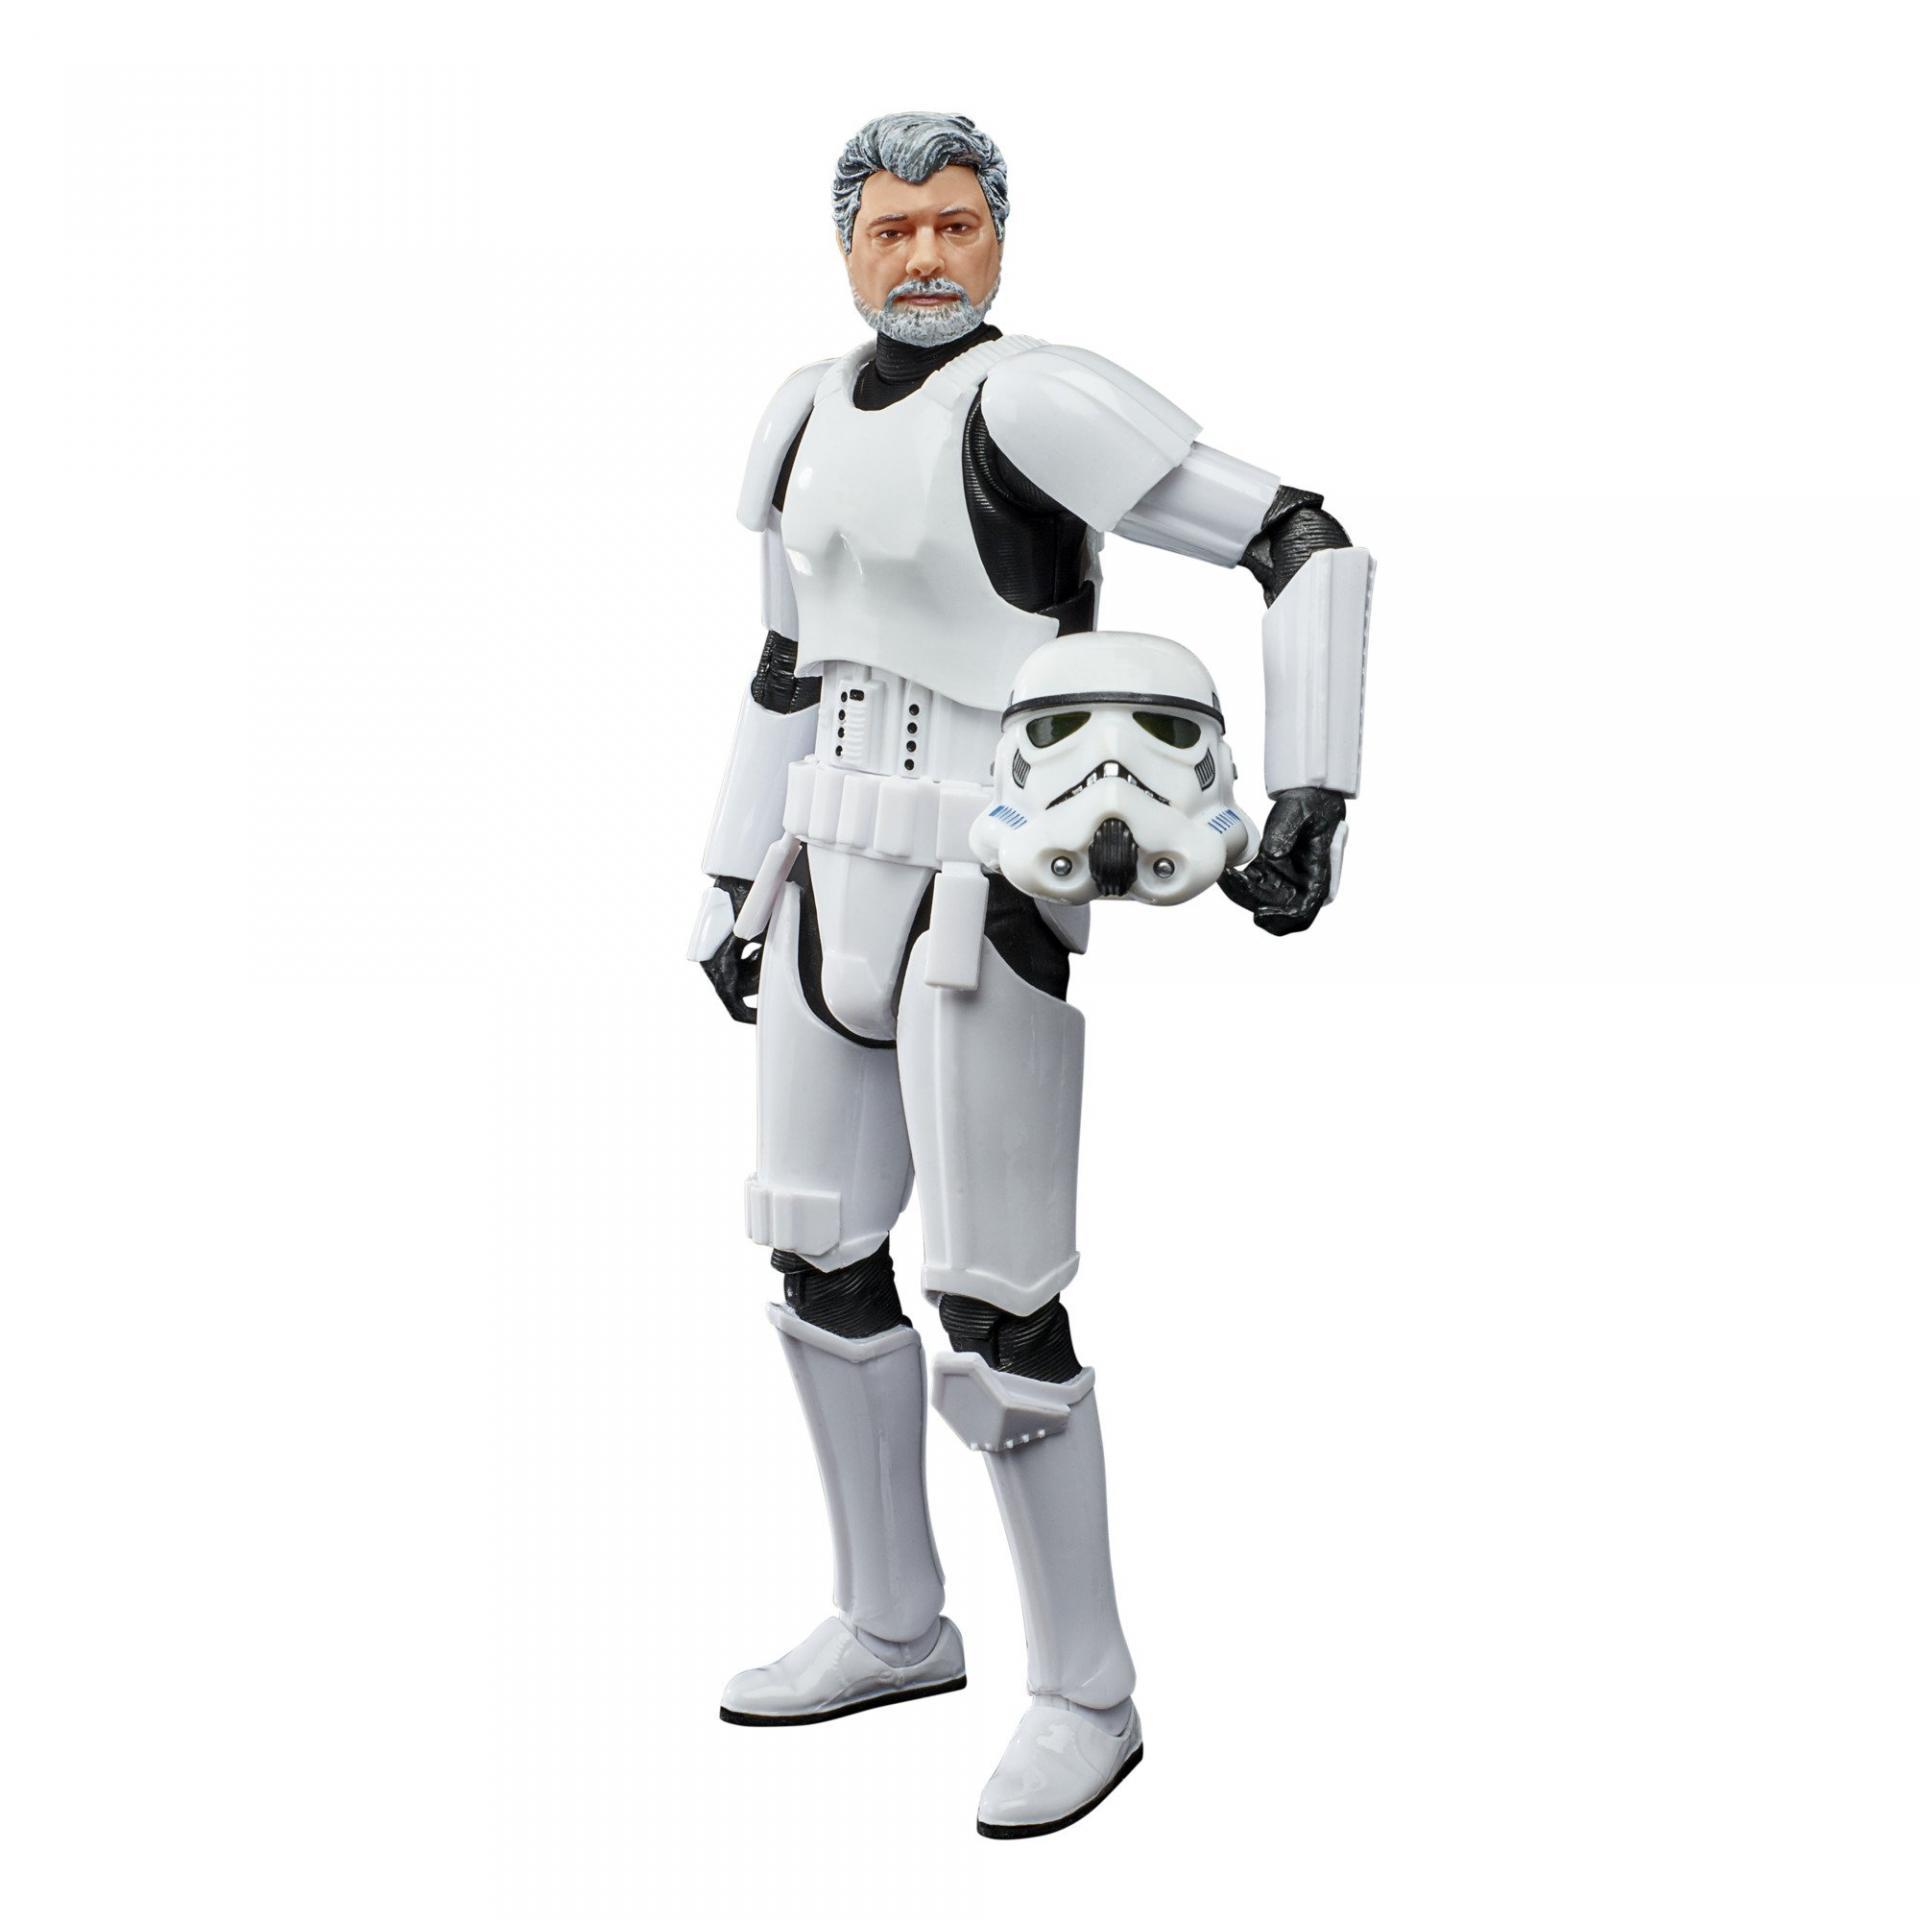 Star wars the black series george lucas in stormtrooper disguise 6